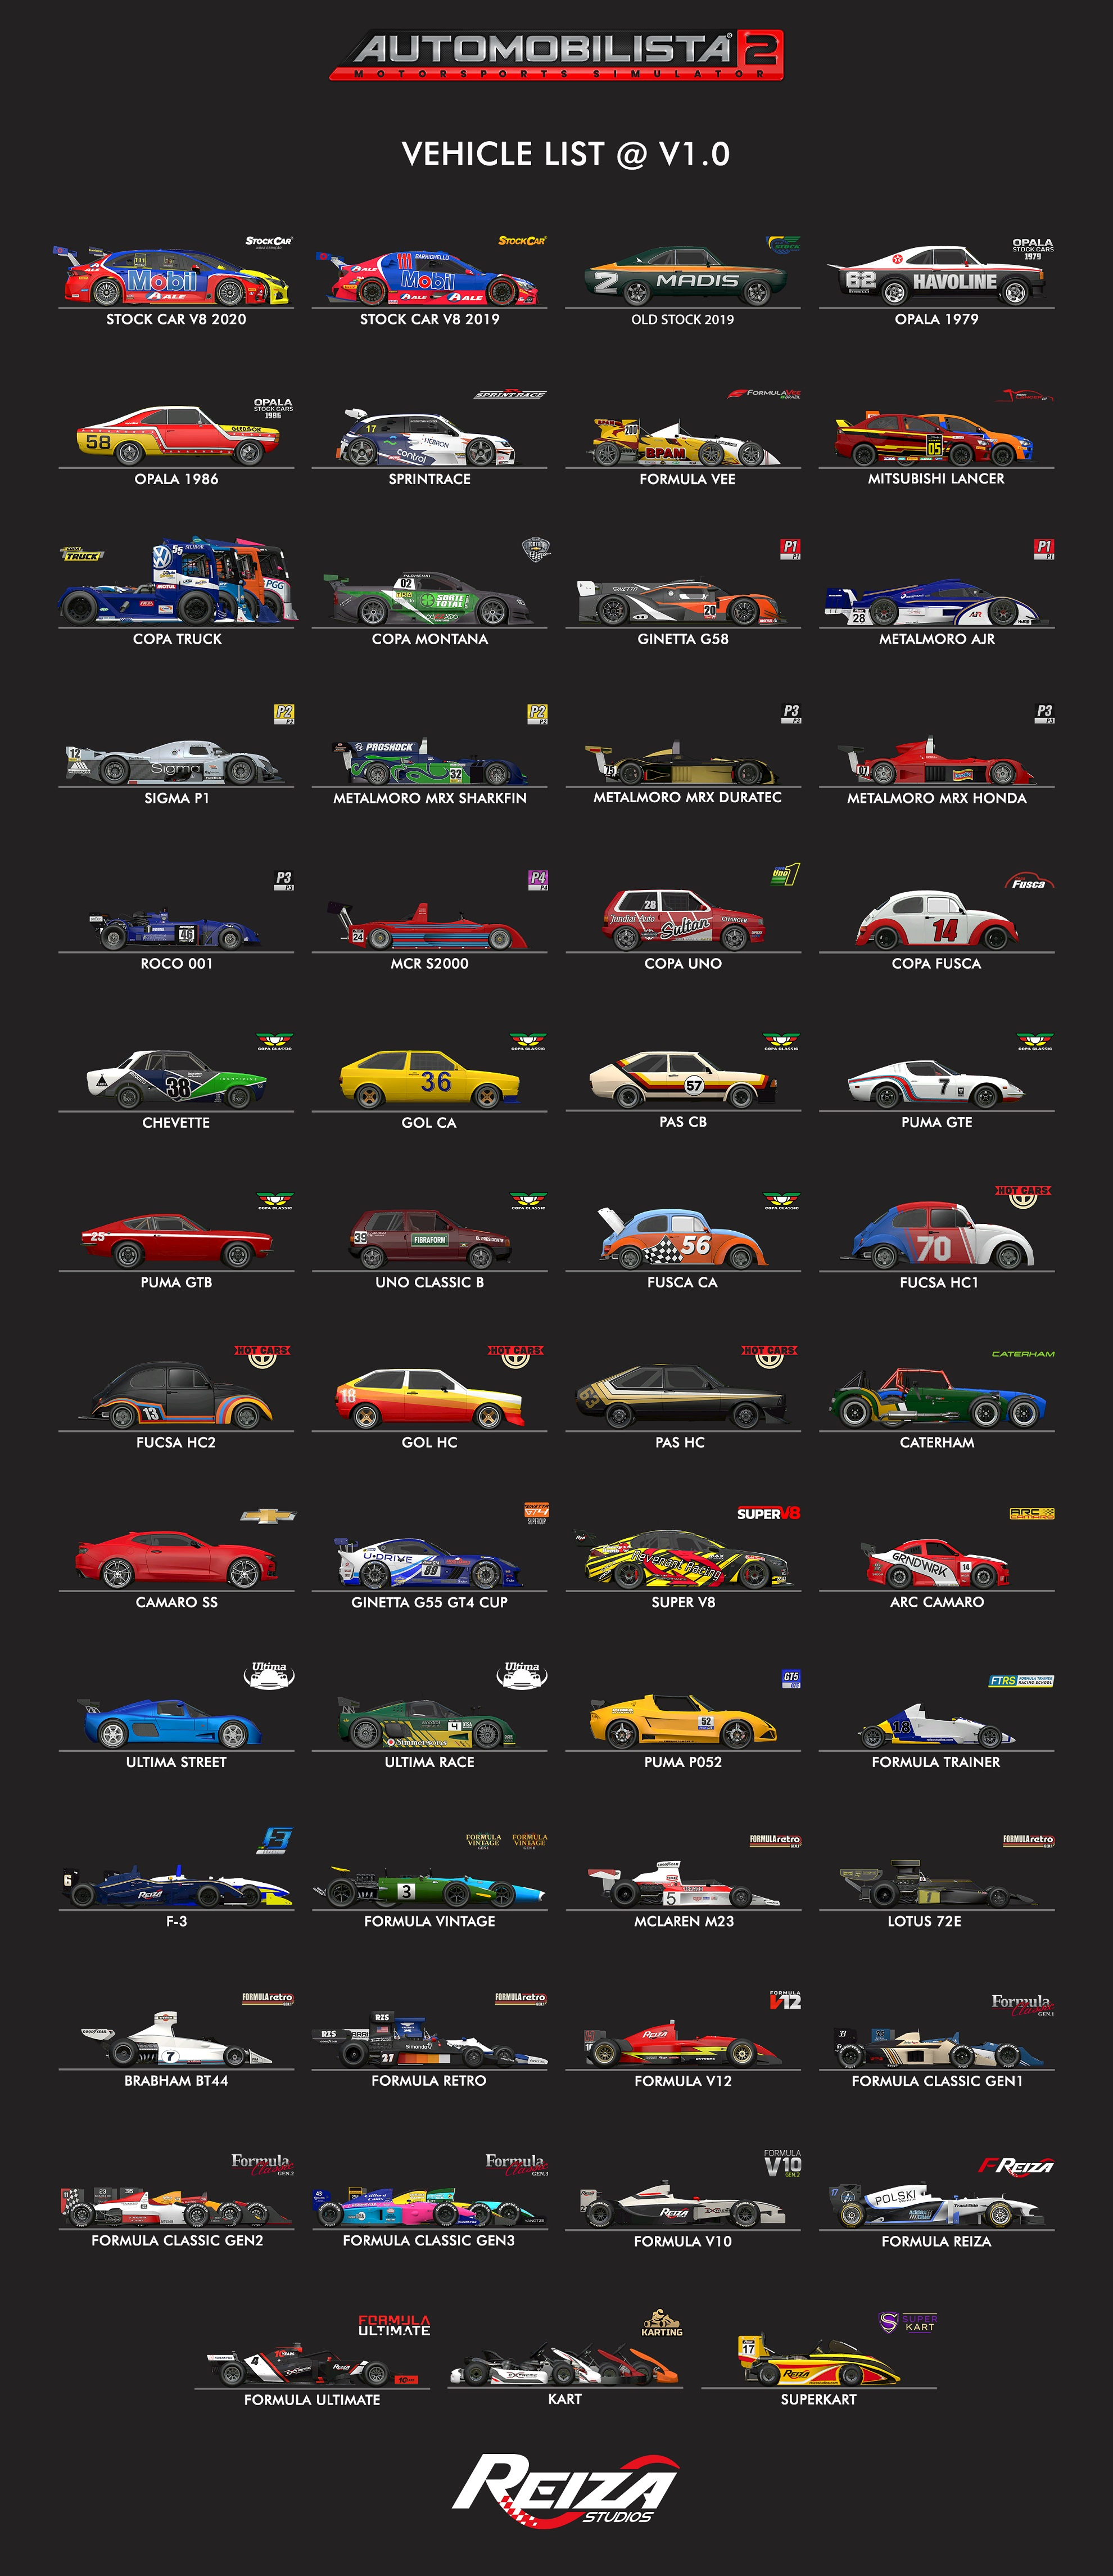 car-list-jpg.388394